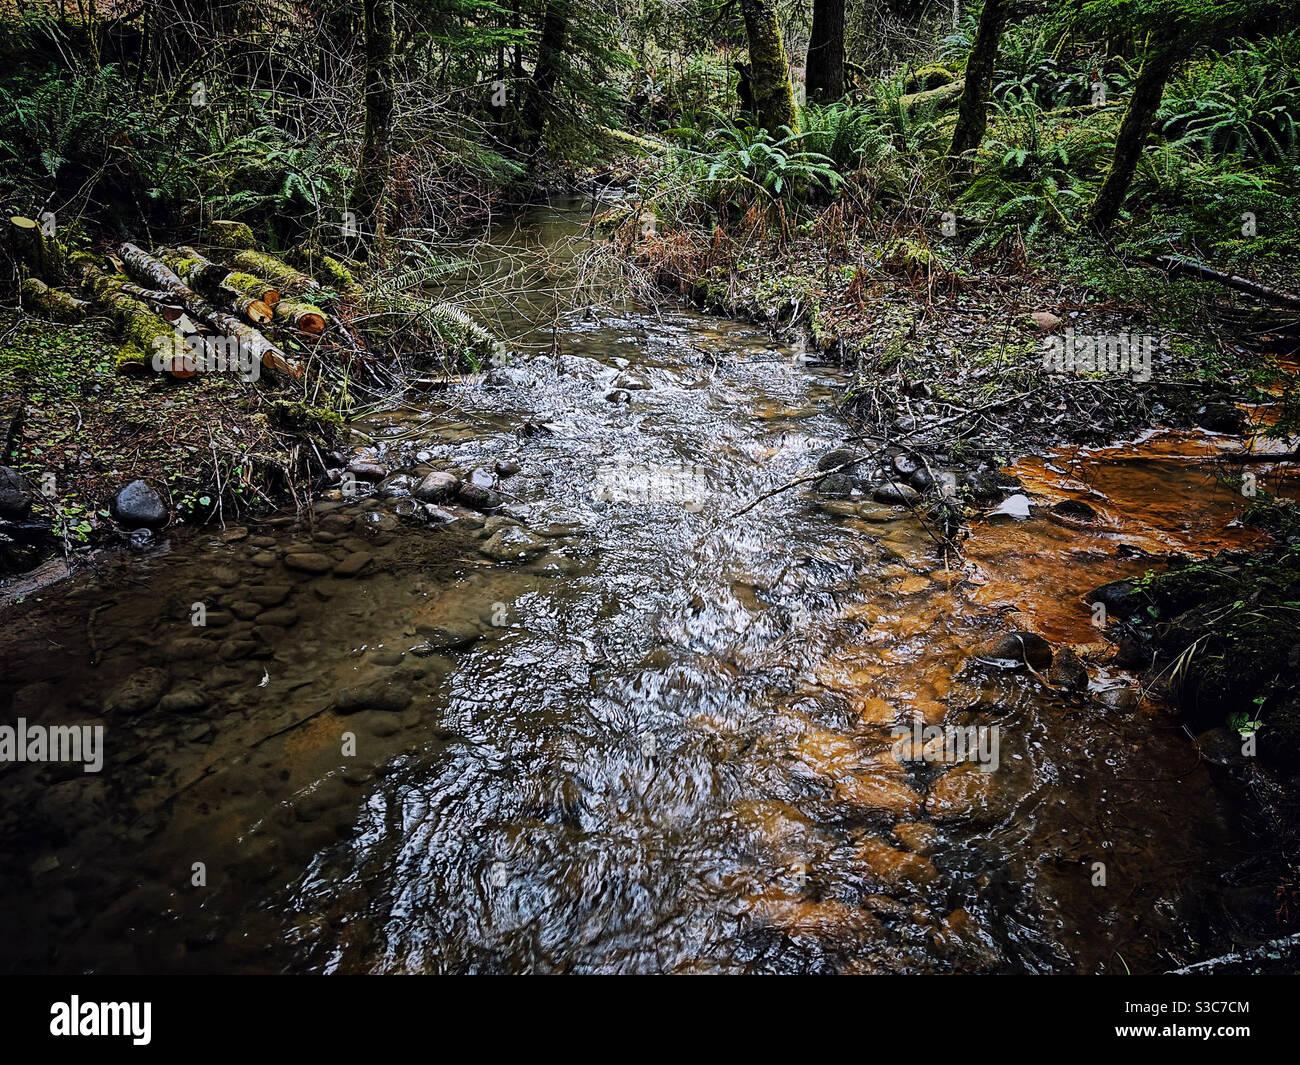 El agua glacial baja Mt Rainier a través de Tenna creek, WA Foto de stock